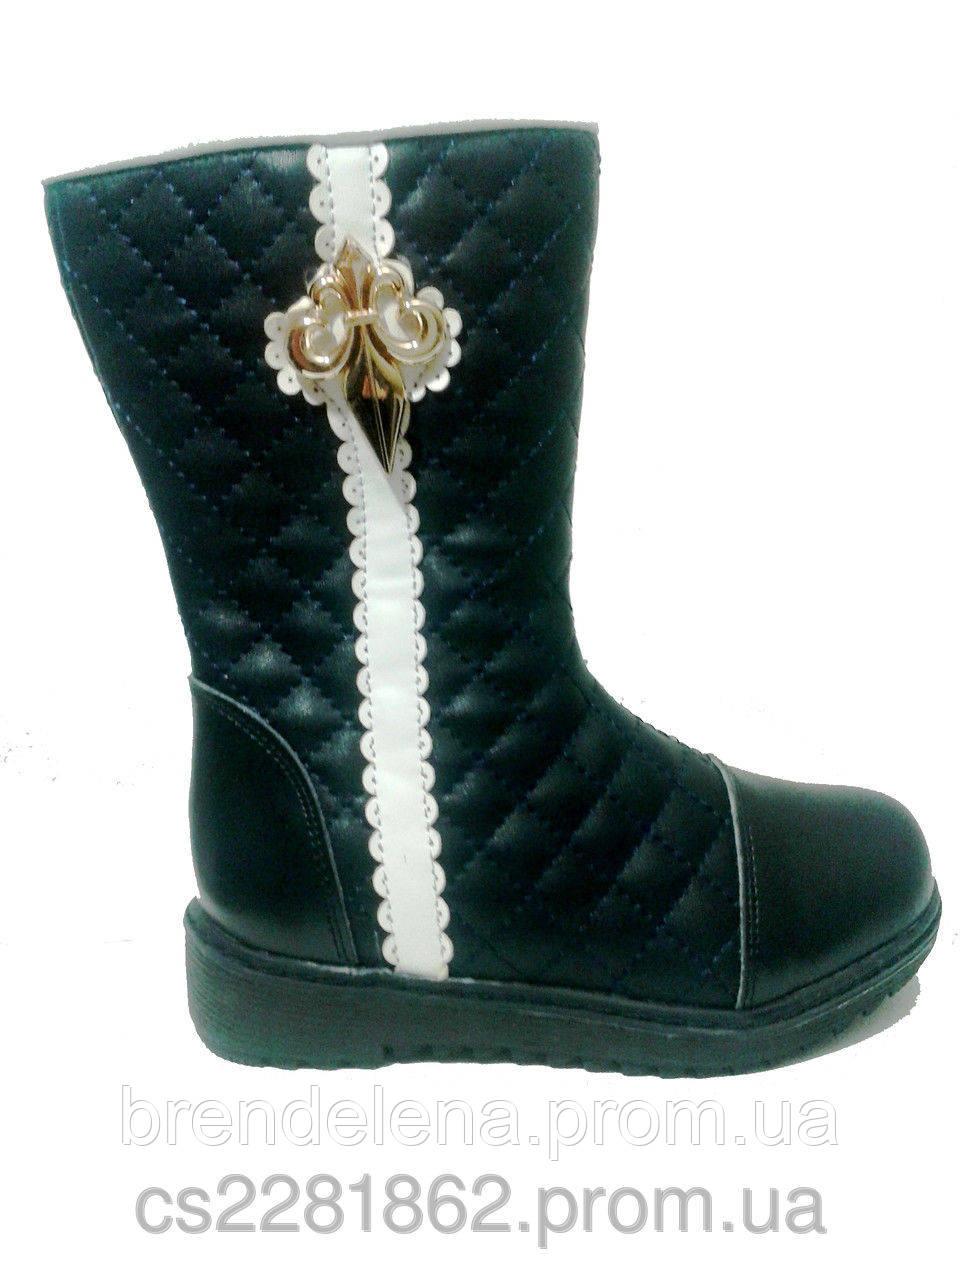 Сапоги для девочки зимние кожаные р27